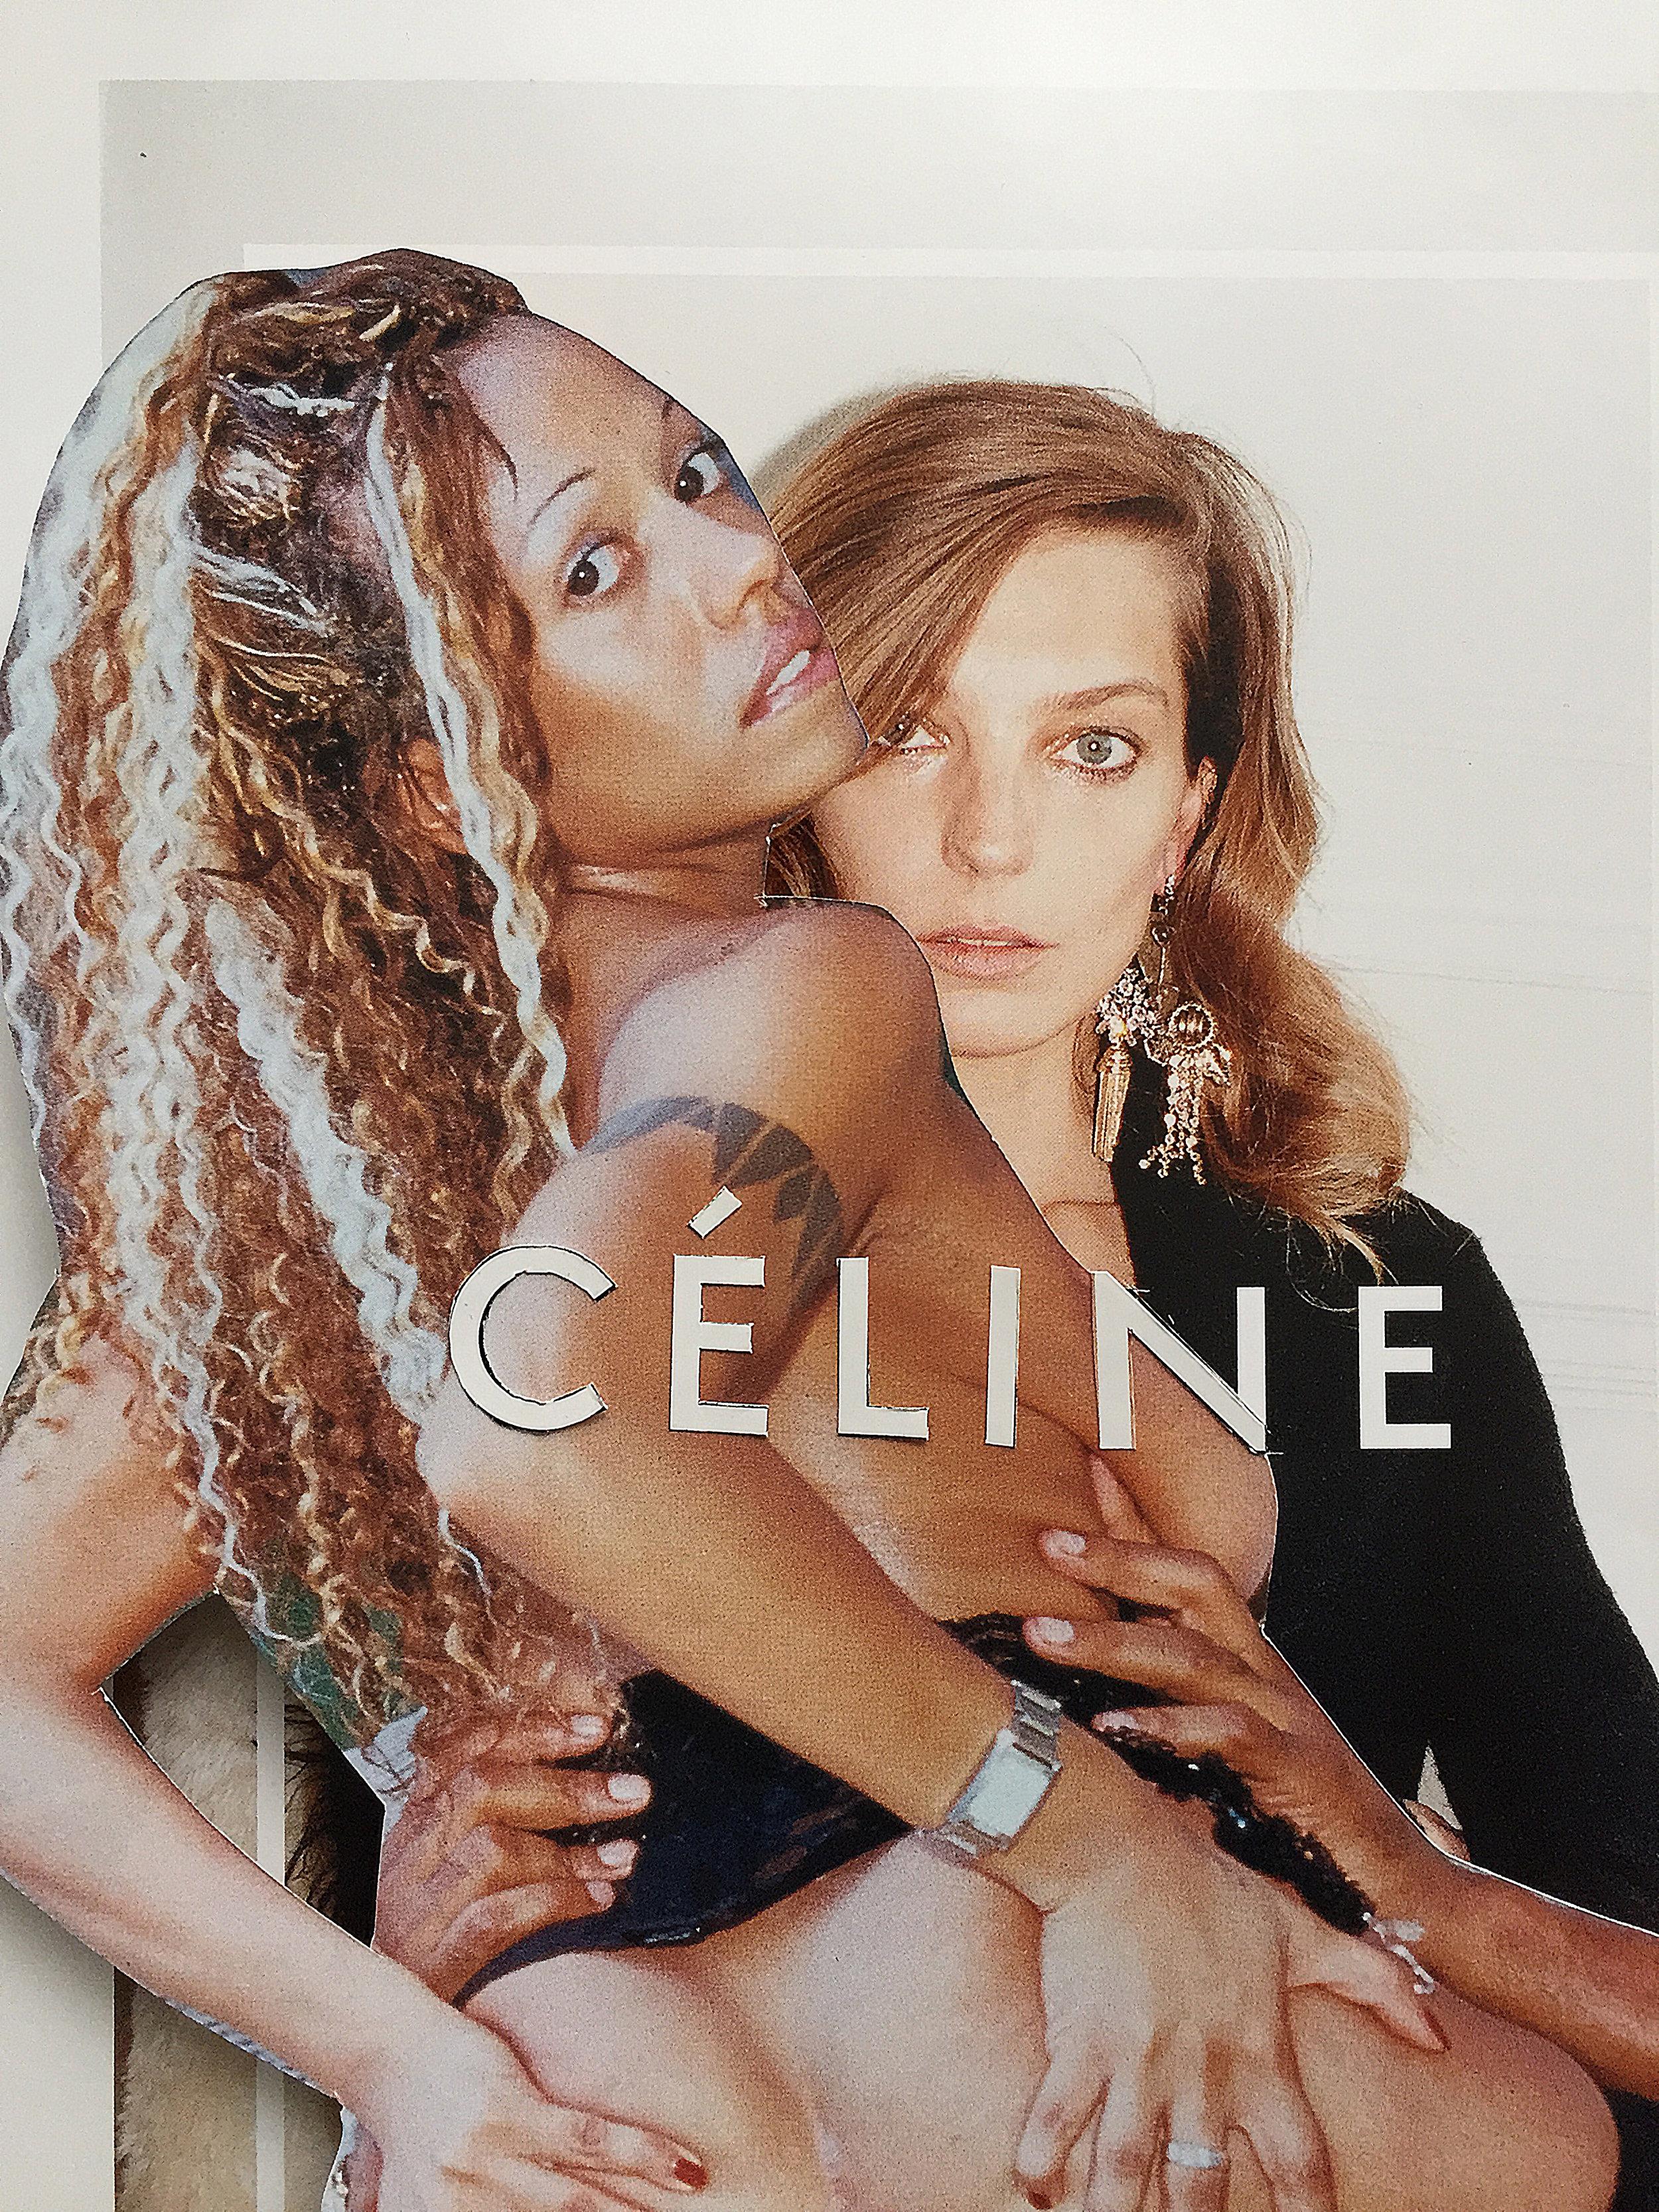 Celine2Girls02.jpg